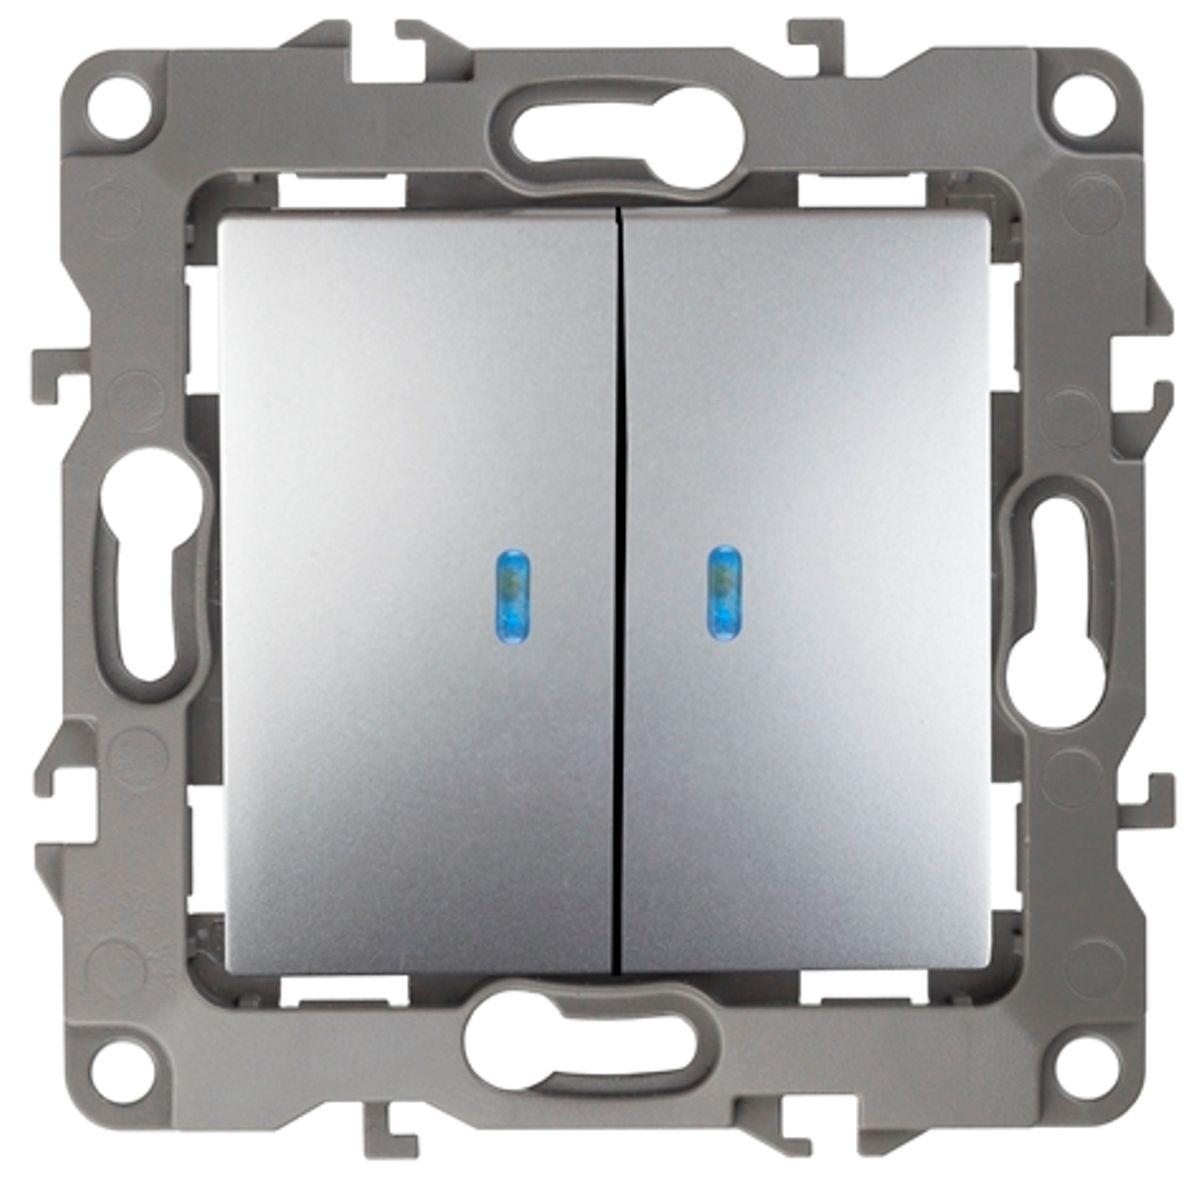 Выключатель ЭРА, двойной, с подсветкой, цвет: серый. 12-110512-1105-03Двойной выключатель ЭРА выполнен из прочного пластика, контакты бронзовые. Световой индикатор на клавишах поможет вам разглядеть выключатель даже в темноте. Изделие просто в установке, надежно в эксплуатации. Выключатель имеет специальные фиксаторы, которые не дают ему смещаться как при монтаже, так и в процессе эксплуатации. Автоматические зажимы кабеля обеспечивают быстрый и надежный монтаж изделия к электросети без отвертки и не требуют обслуживания в отличие от винтовых зажимов.